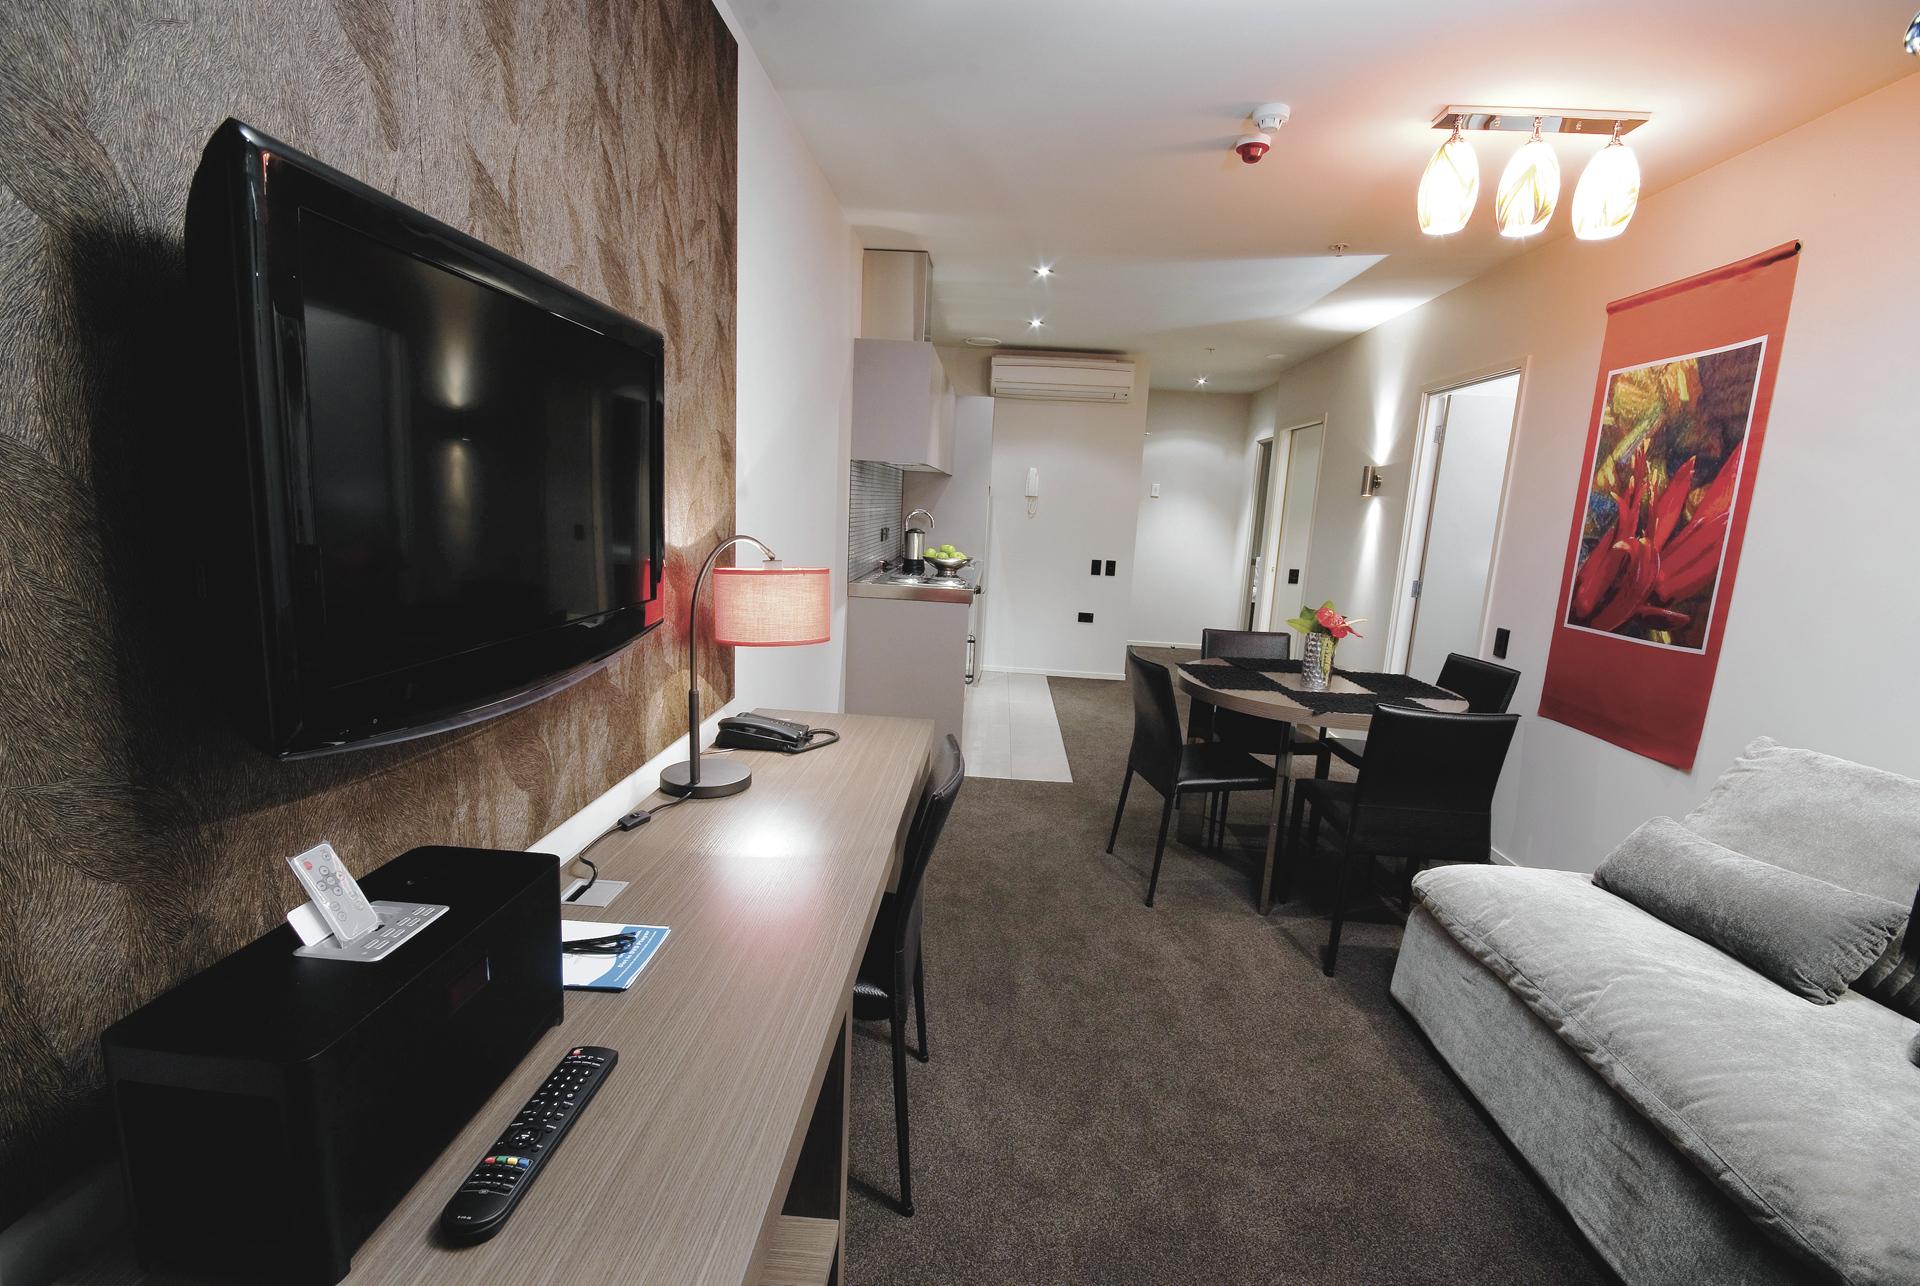 Apartment Wohnzimmer